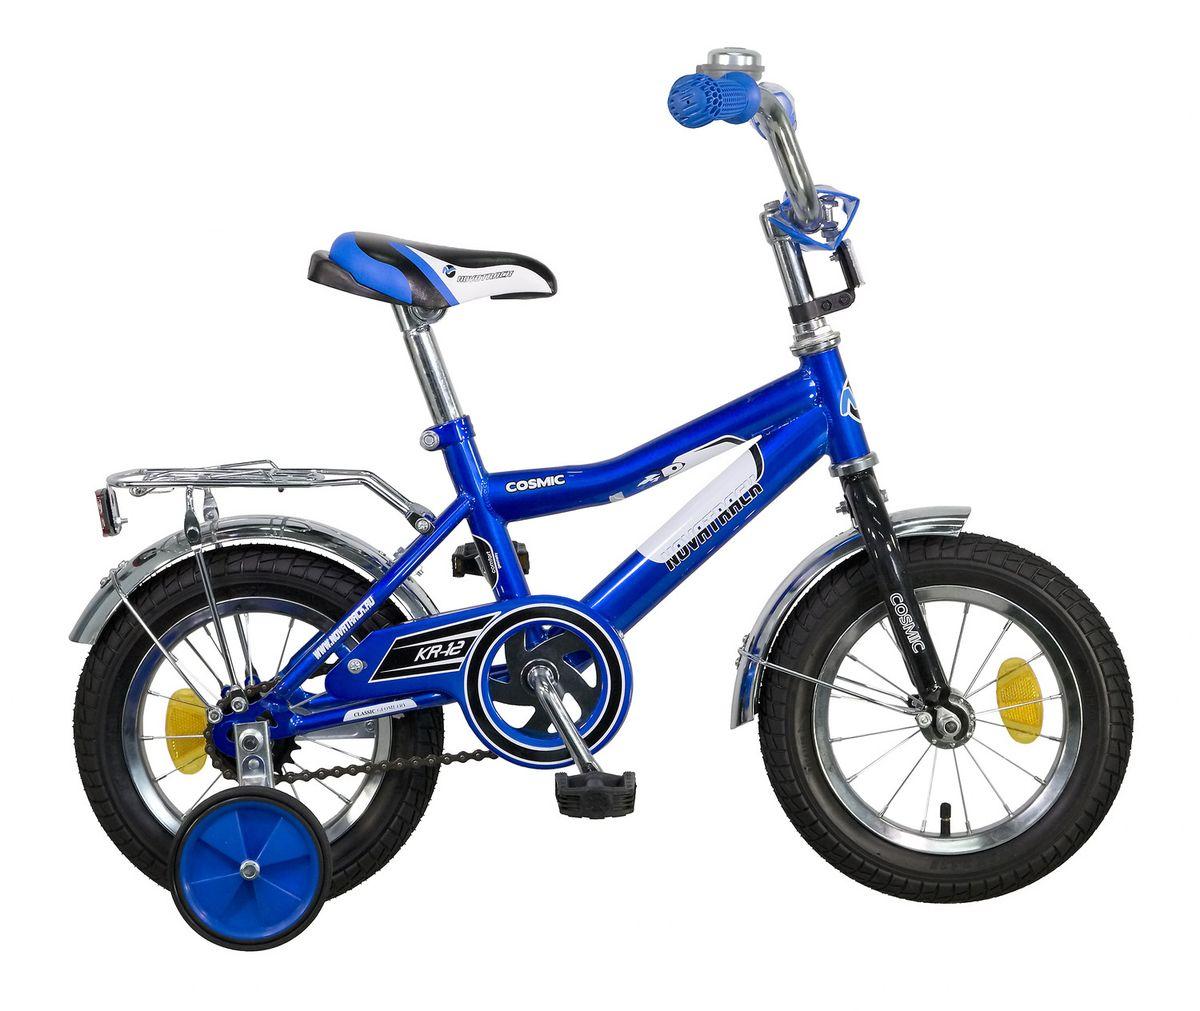 Велосипед детский Novatrack Cosmic 12, цвет: синий123COSMIC.BL5Велосипед Novatrack Cosmic 12'' – это абсолютно необходимая вещь для детей от 2 до 4 лет. В этом возрасте у ребят очень большой уровень энергии, которую необходимо выплескивать с пользой для организма, да и кто же по доброй воле откажется от велосипеда, тем более такого, как Cosmic! Велосипед полностью укомплектован и обязательно понравится маленькому велосипедисту. Рама у велосипеда – стальная и очень прочная. Сиденье и руль регулируются по высоте и надежно фиксируются. Ножной задний тормоз не подведет ни на спуске, ни при экстренном торможении. В целях безопасности велосипед оснащен ограничителем руля, который убережет велосипед от опрокидывания при резком повороте. Дополнительную устойчивость железному «коню» обеспечивают два маленьких съемных колеса в цвет велосипеда. Не останутся незамеченными накладка на руль, яркие отражатели-катафоты, стильный звонок, защитный кожух для цепи, хромированный багажник, а также крылья, которые защитят от грязи и брызг.